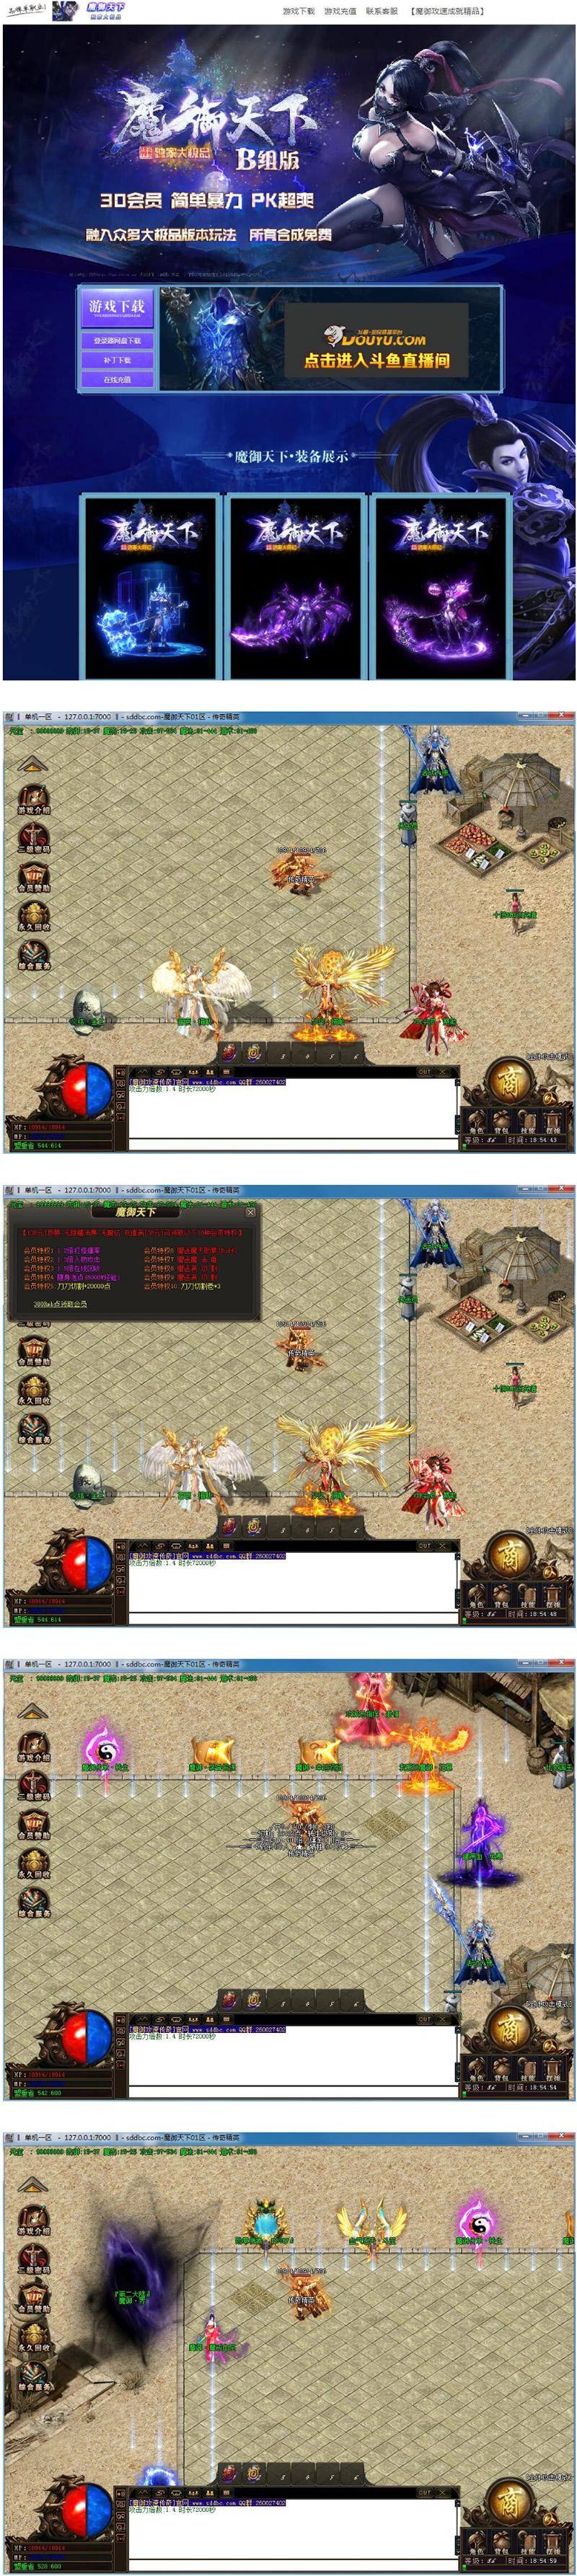 Gom引擎魔御天下极品单职业传奇游戏服务端 简单暴力PK超爽版本-爱资源分享